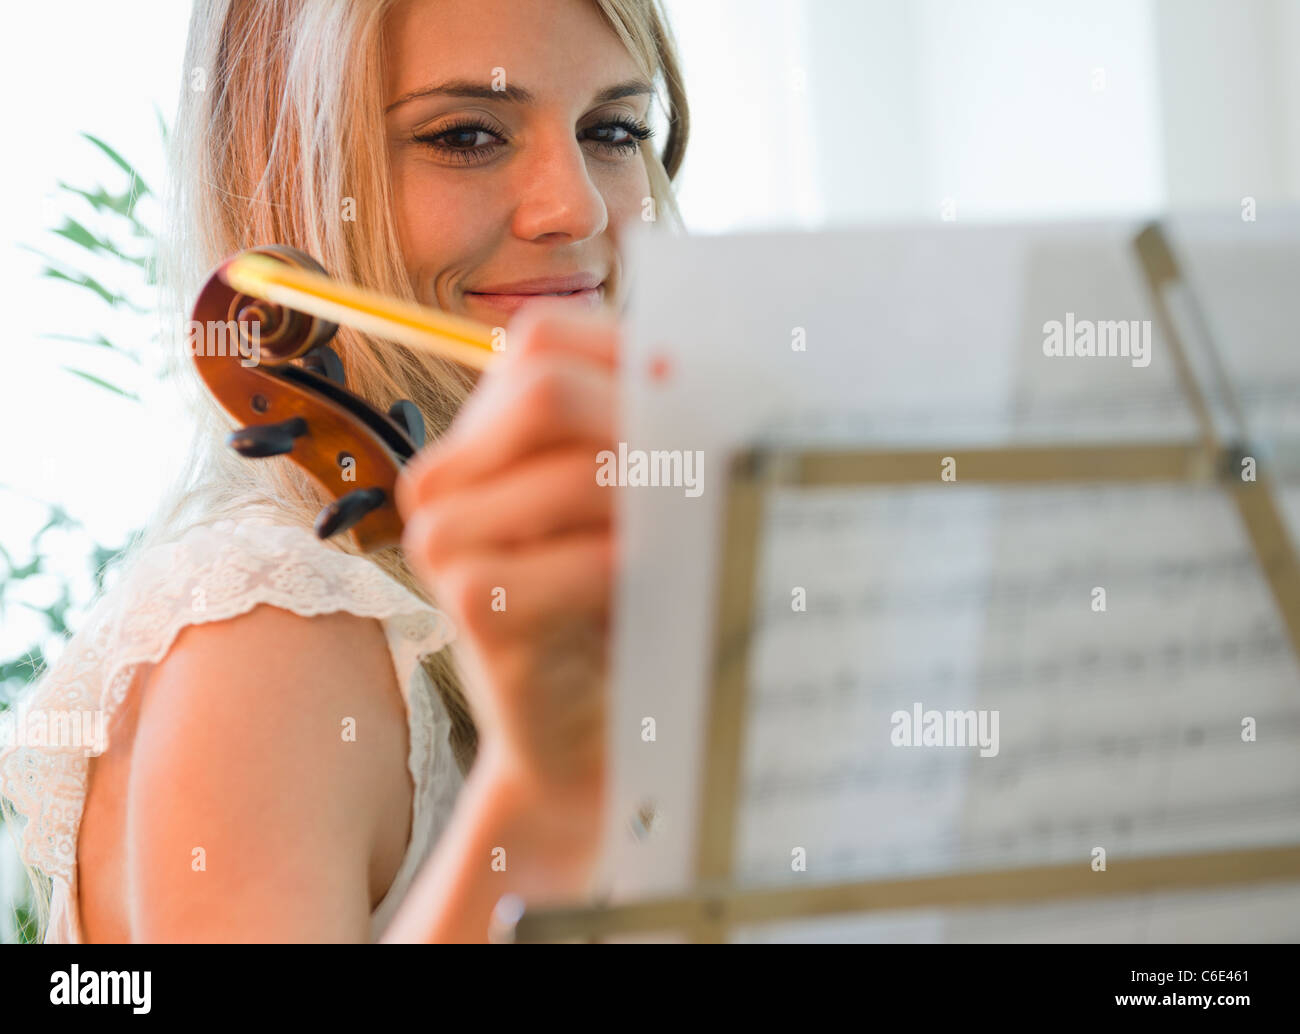 USA, New Jersey, Jersey City, Woman composing music Stock Photo